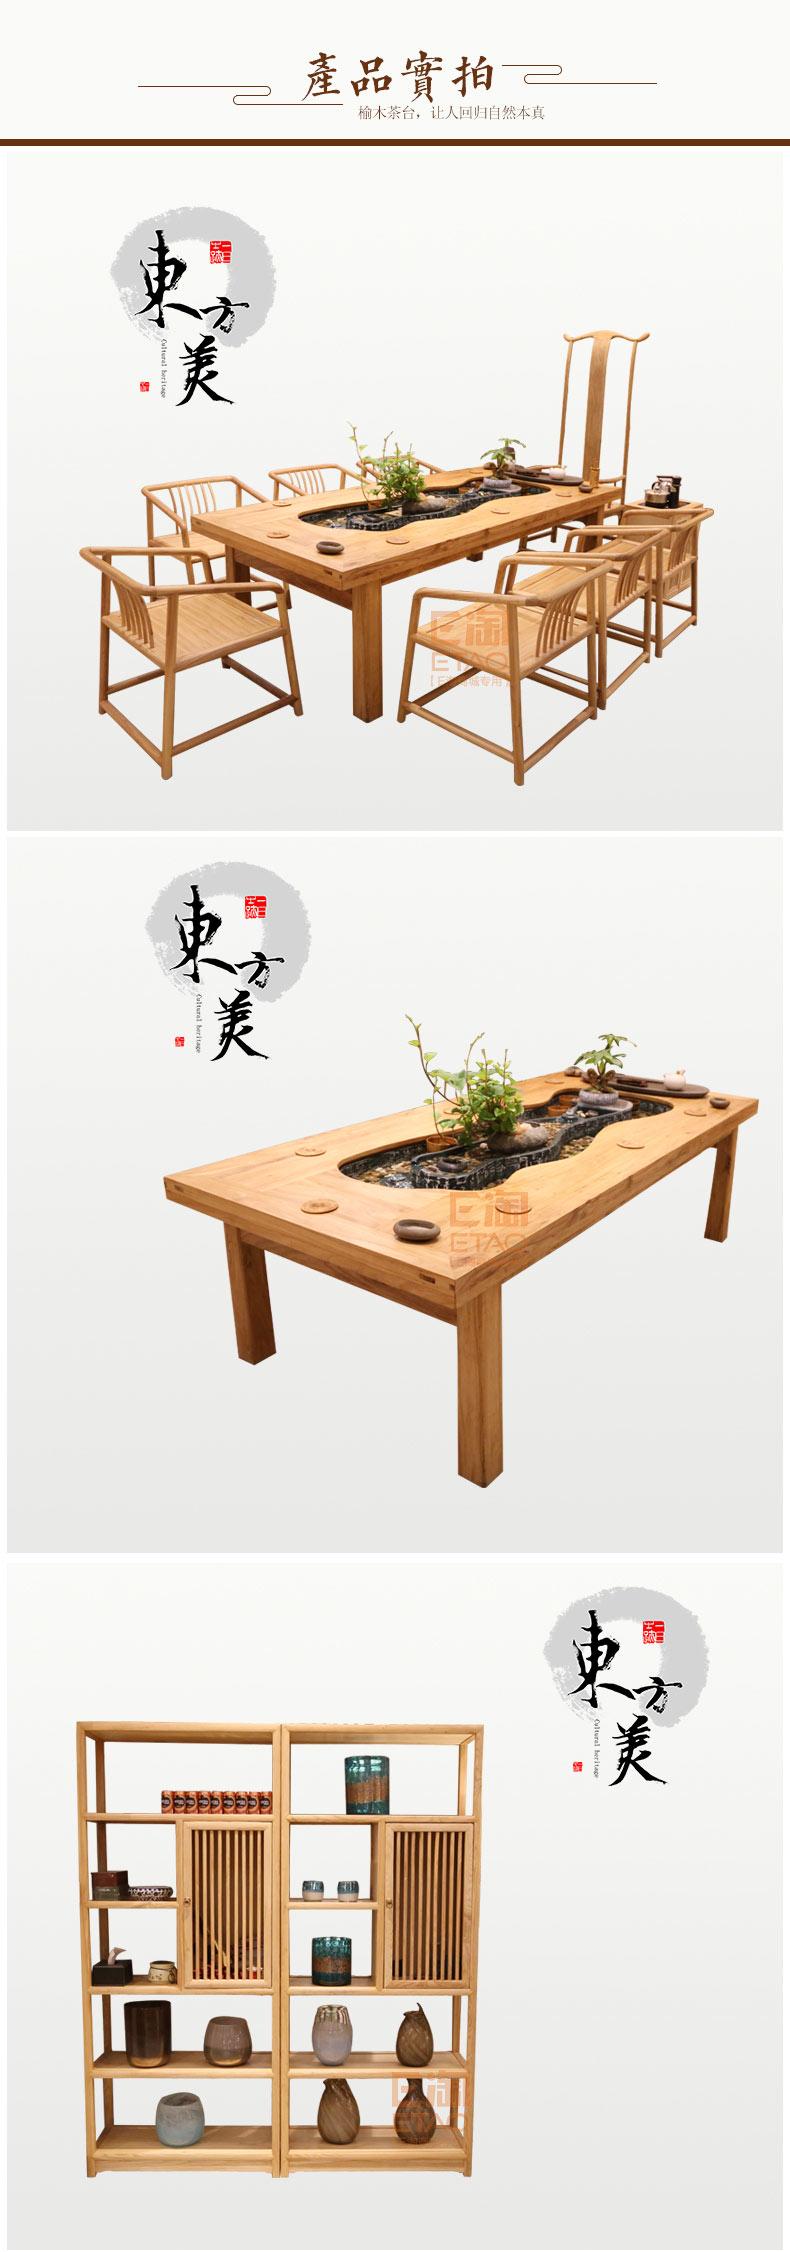 中式茶台-新的_06